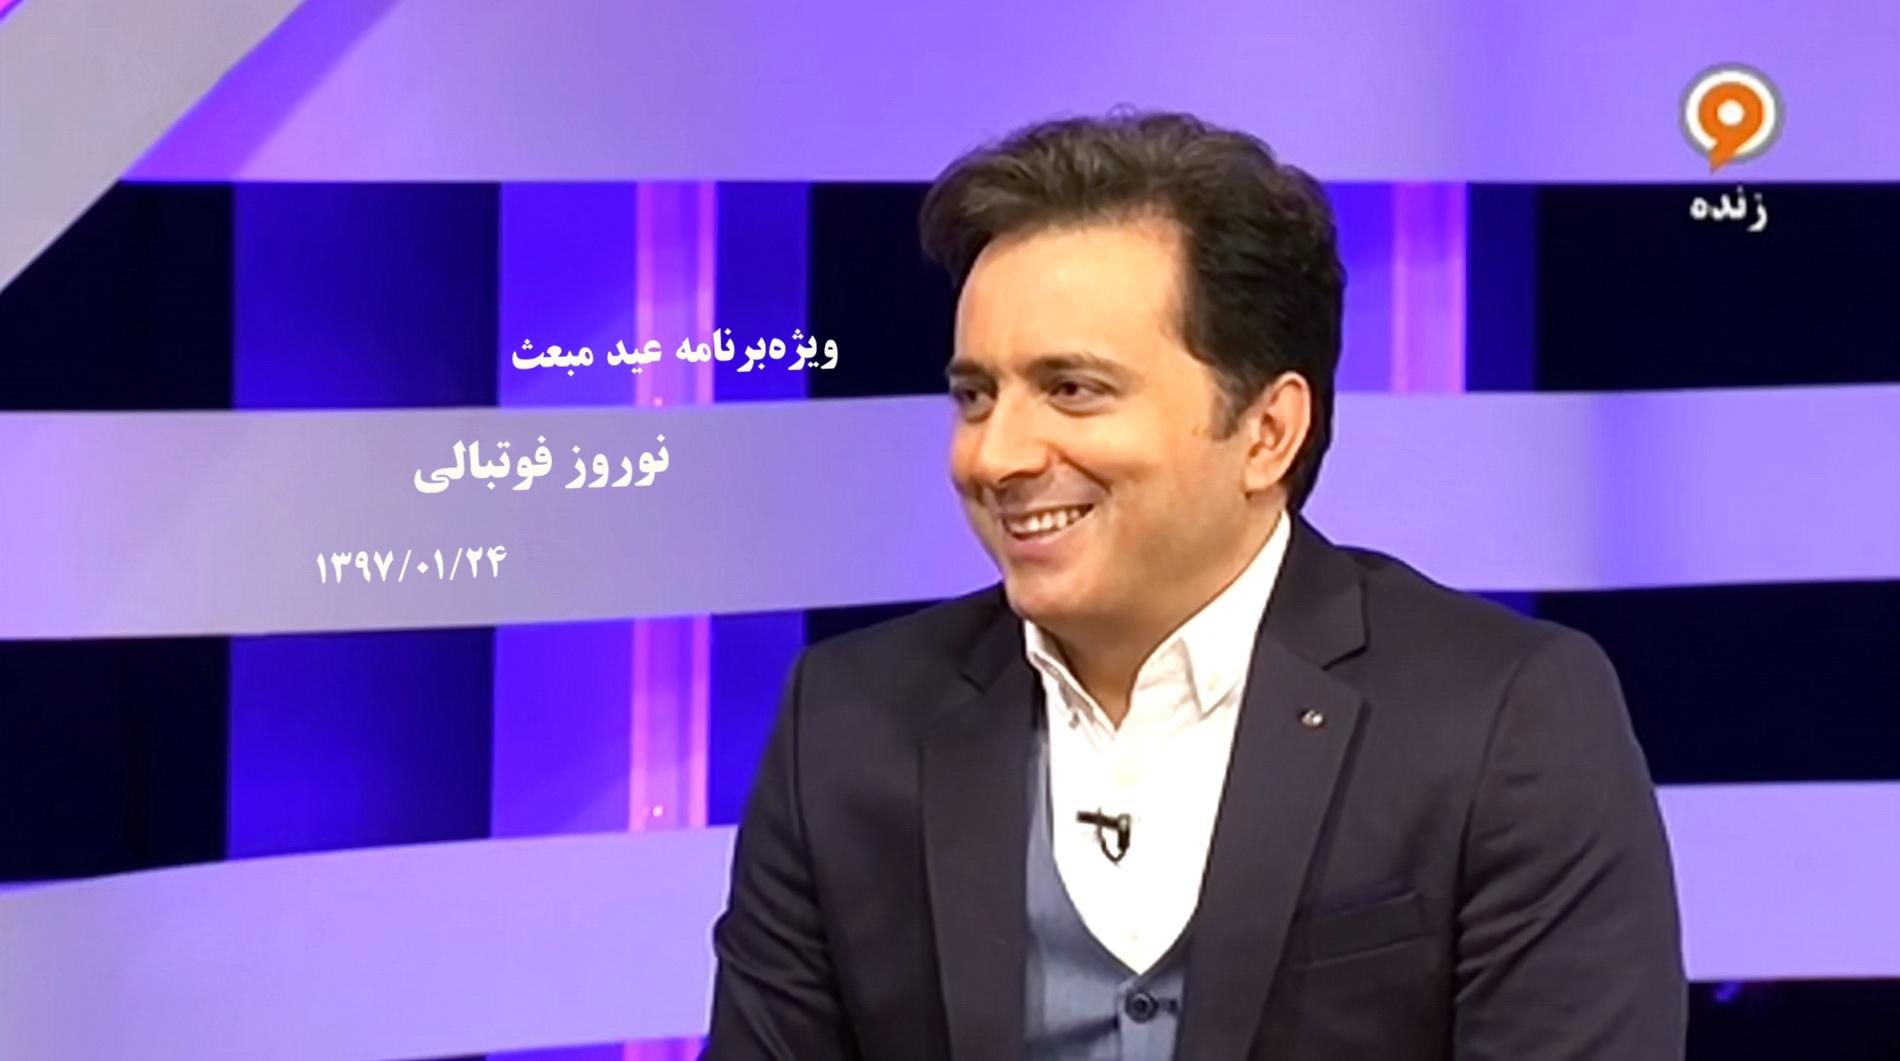 دانلود ویژهبرنامه عید مبعث «نوروز فوتبالی» با حضور مجید اخشابی